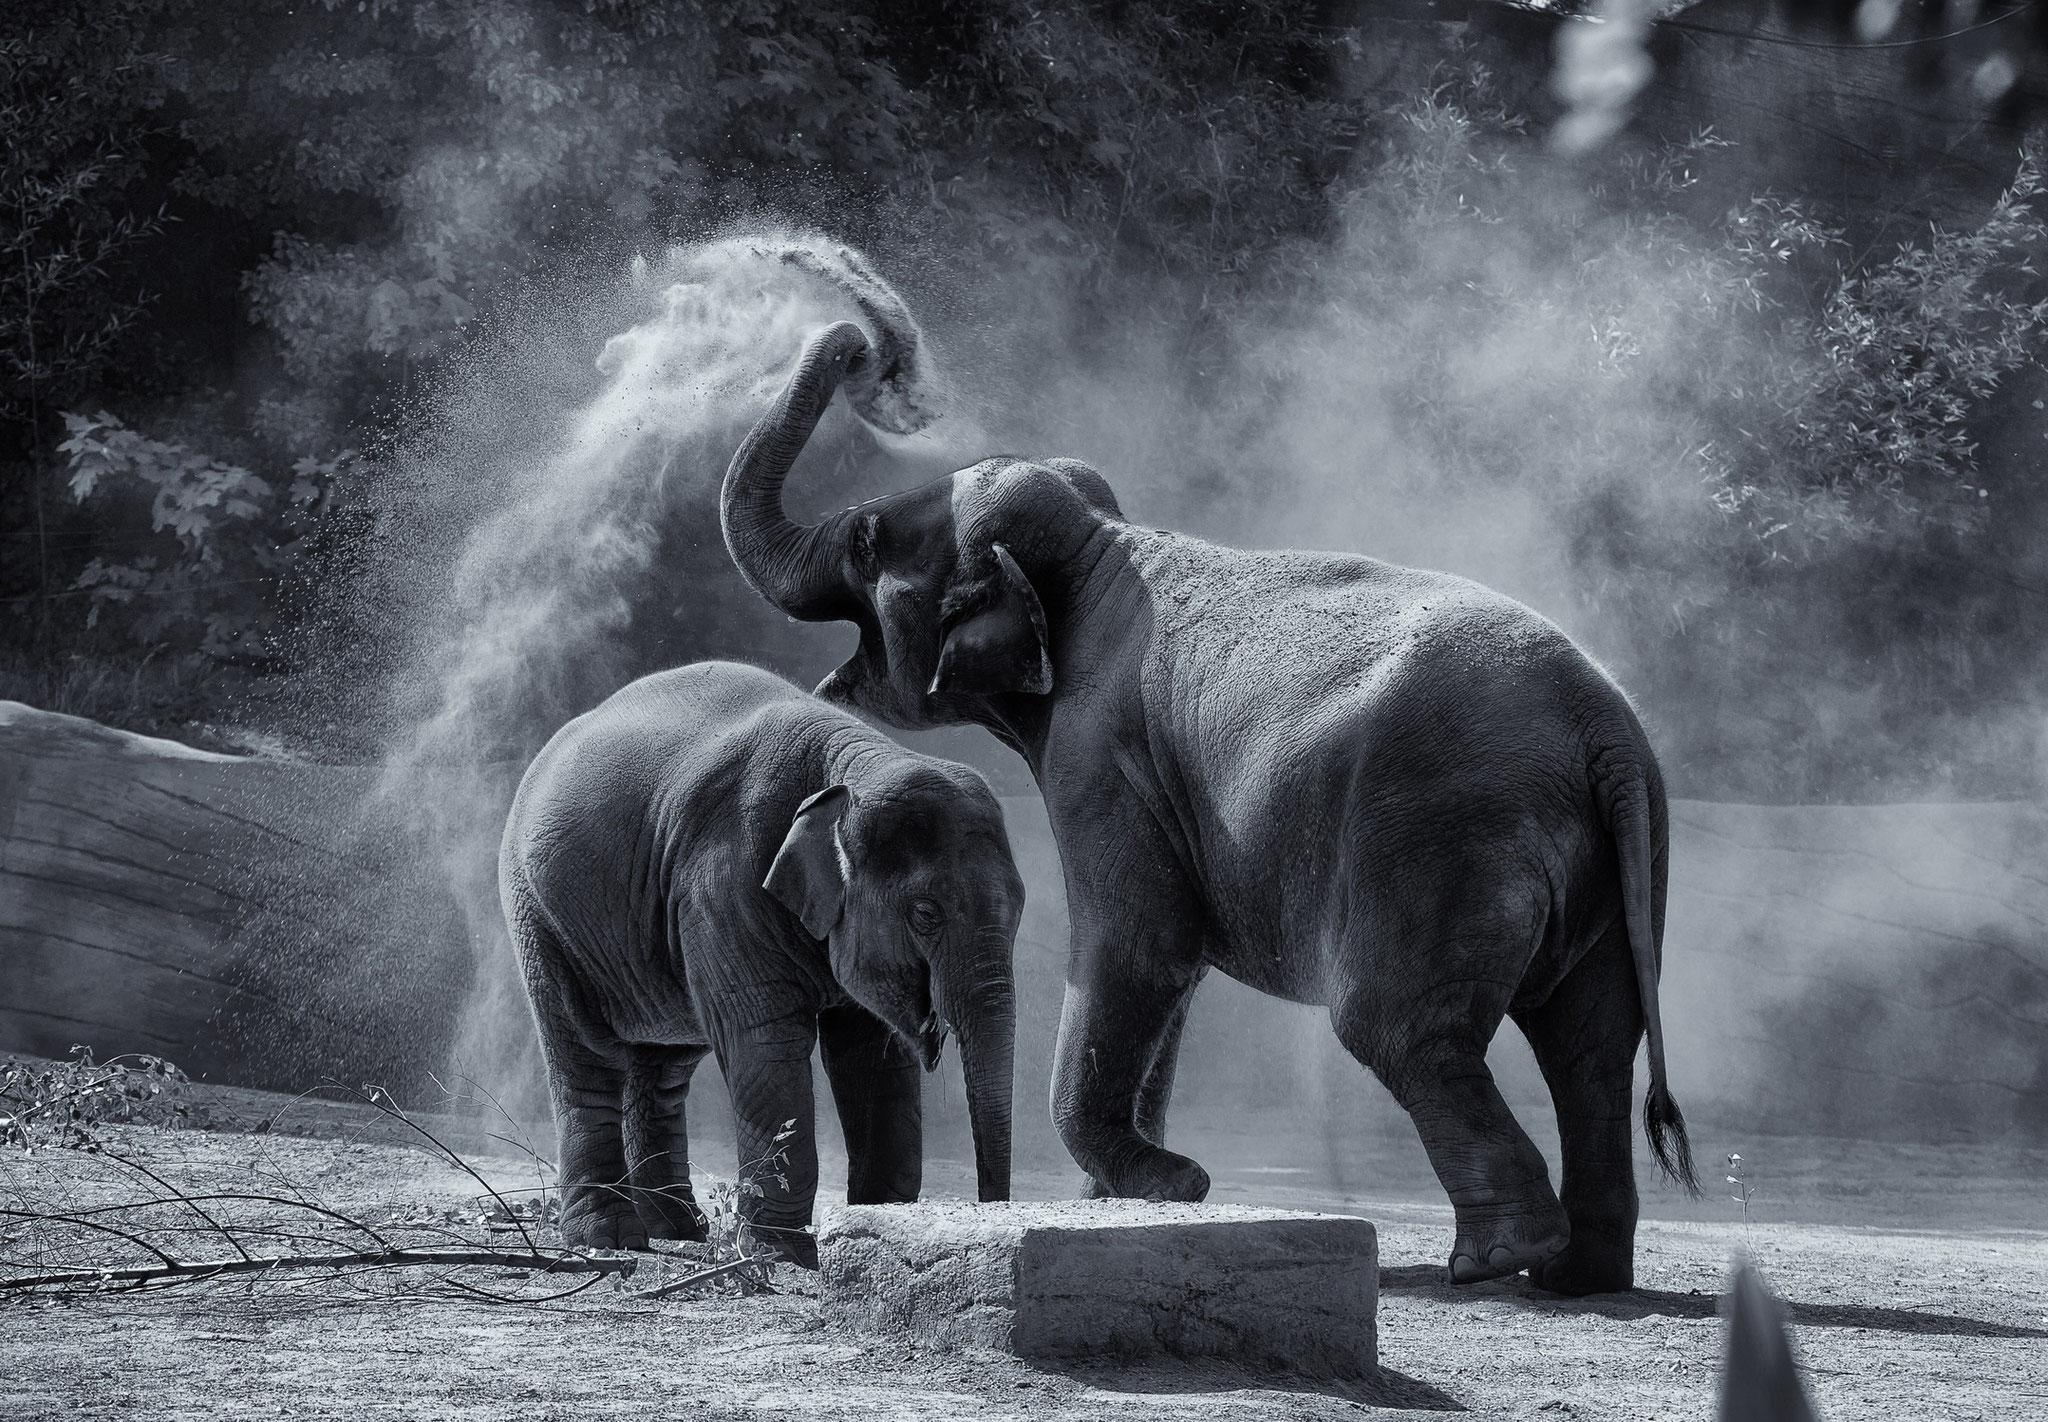 © Hans G. Lehmann | Elefanten im Sandbad im Hagenbeck-Zoo, Hamburg